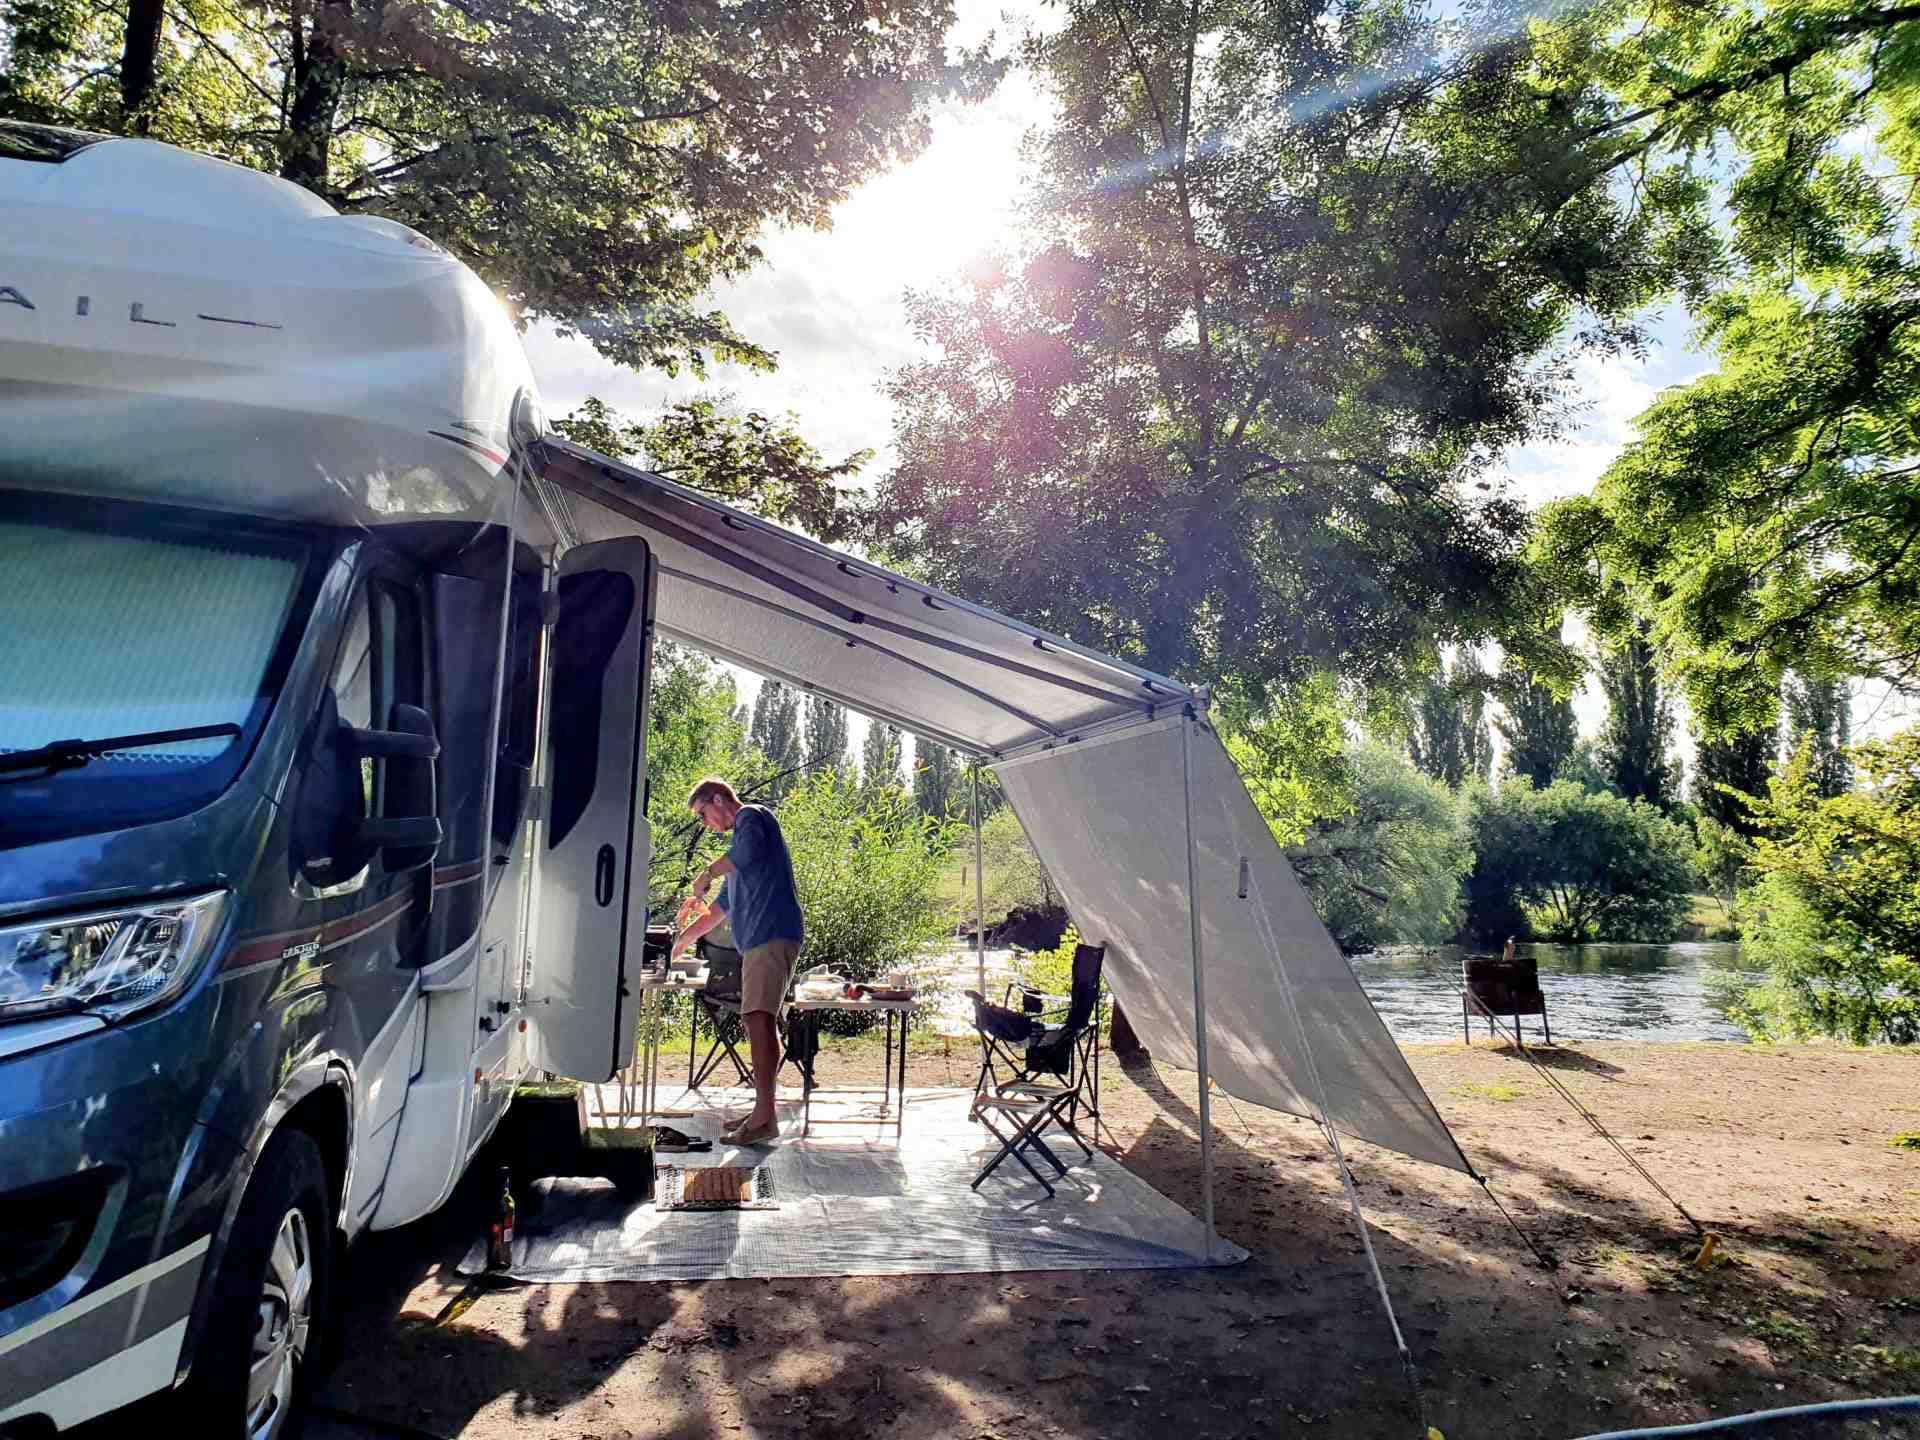 Riverglade Caravan Park Tumut NSW - image Michelle Dubois